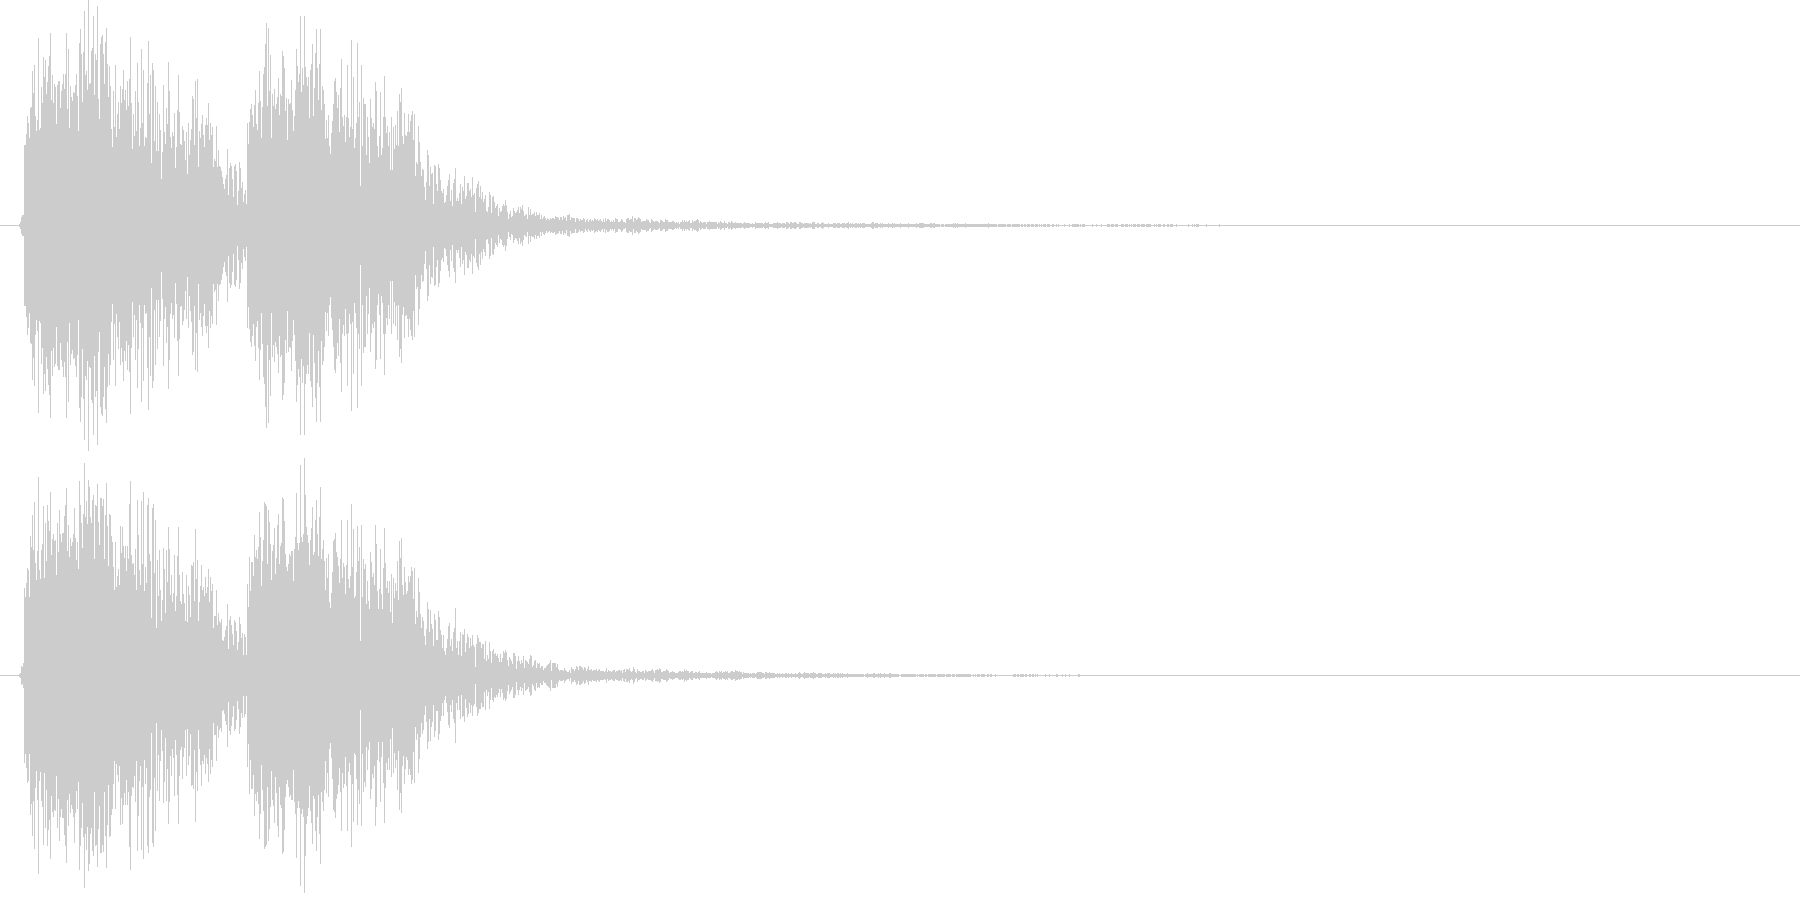 デッデン(出題前によく流れる効果音)の未再生の波形